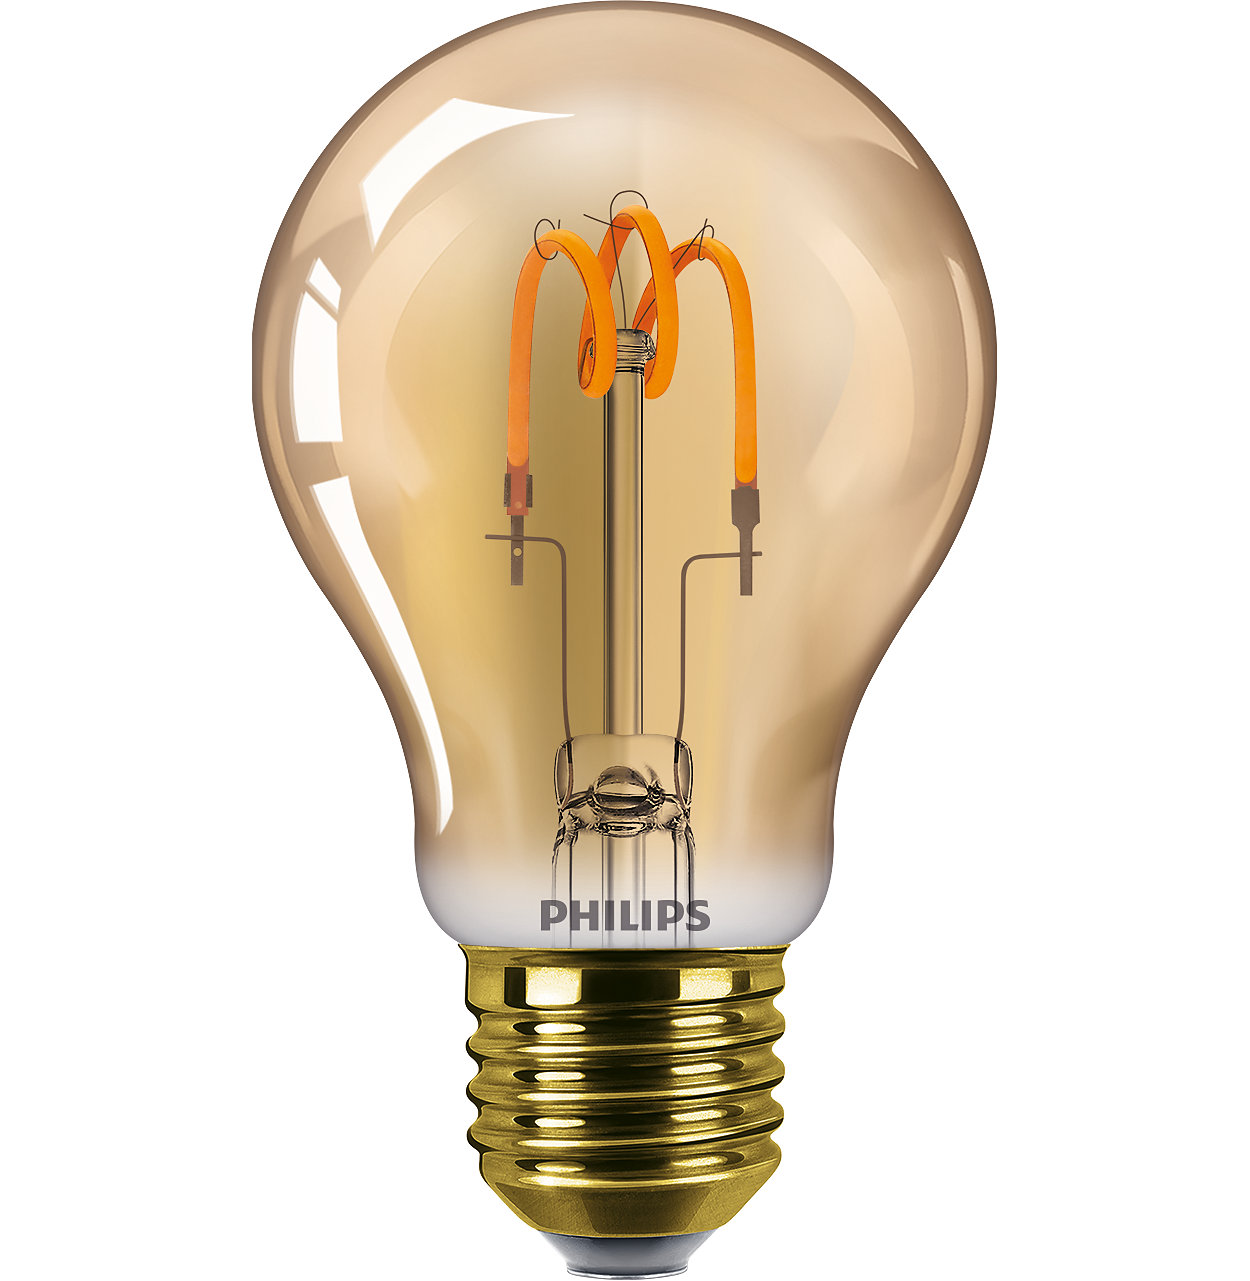 Lampade LED con filamento classiche per illuminazioni decorative